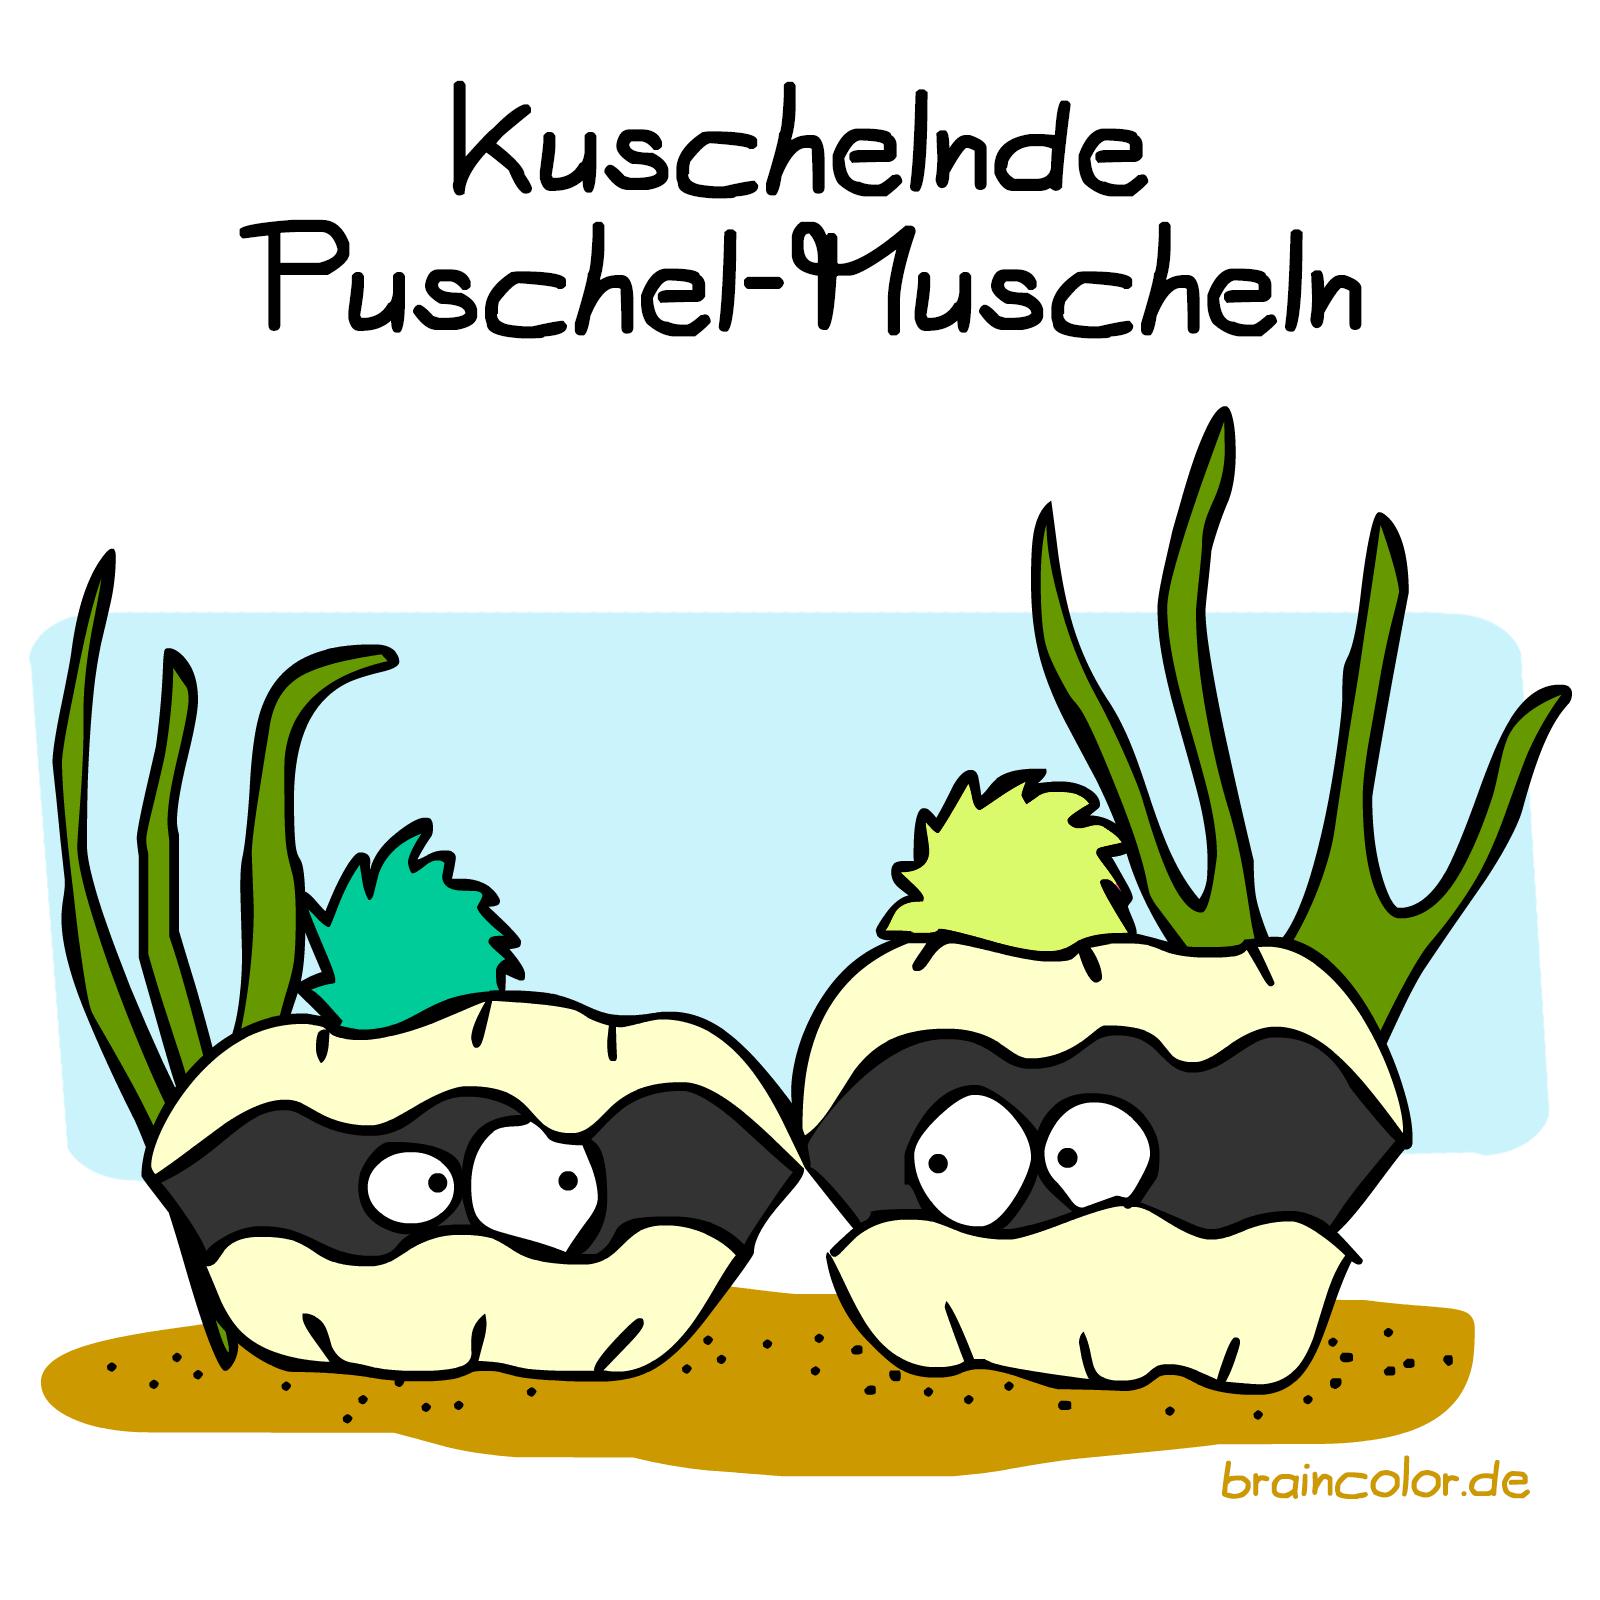 Puschel-Muschel In 2020 | Schlechte Wortwitze, Lustig, Wortwitze ganzes Comic Muschel